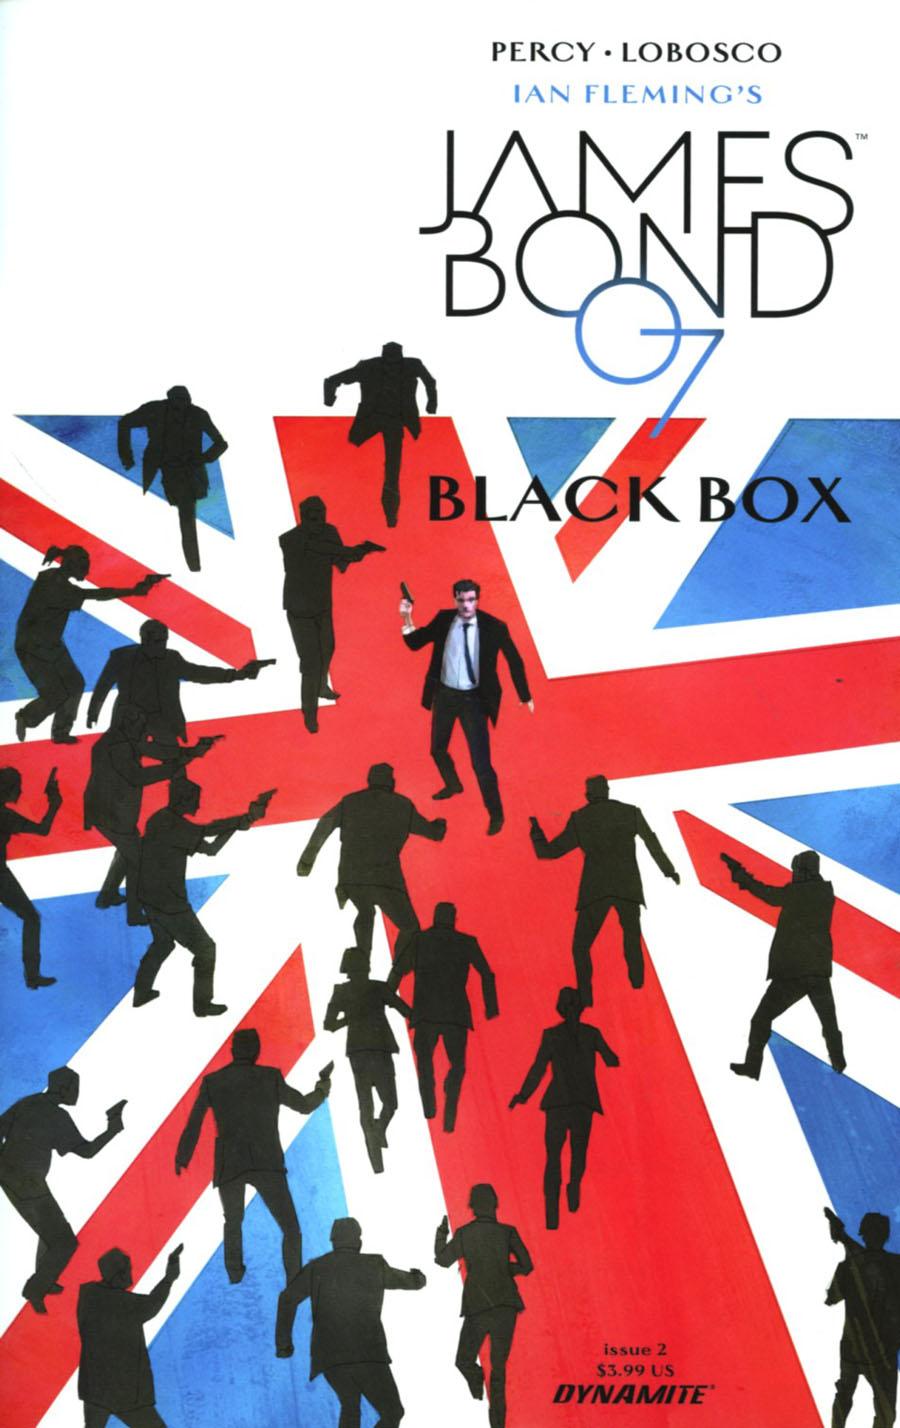 James Bond Vol 2 #2 Cover A Regular Dominic Reardon Cover